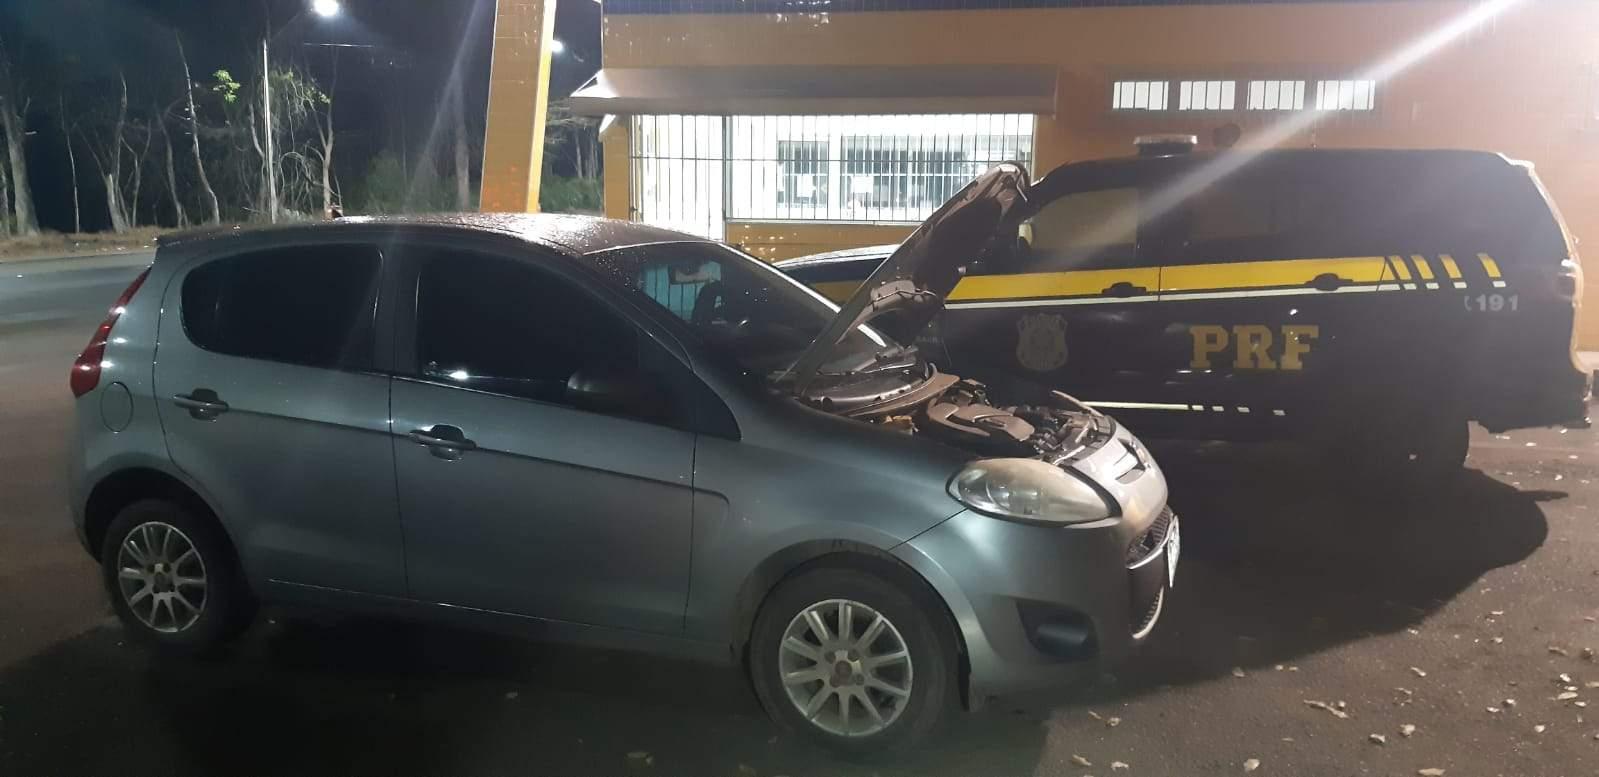 PRF recupera veículo furtado com placas falsas